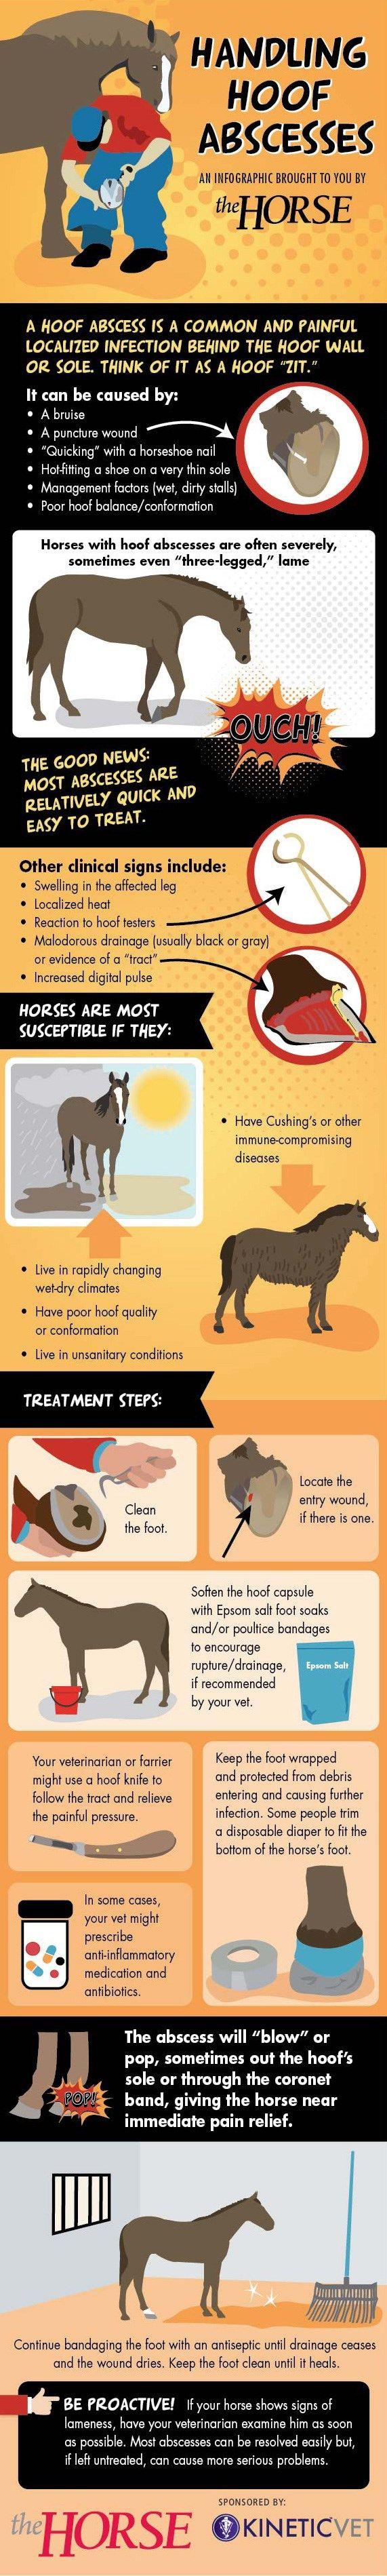 Infographic: Handling Hoof Abscesses